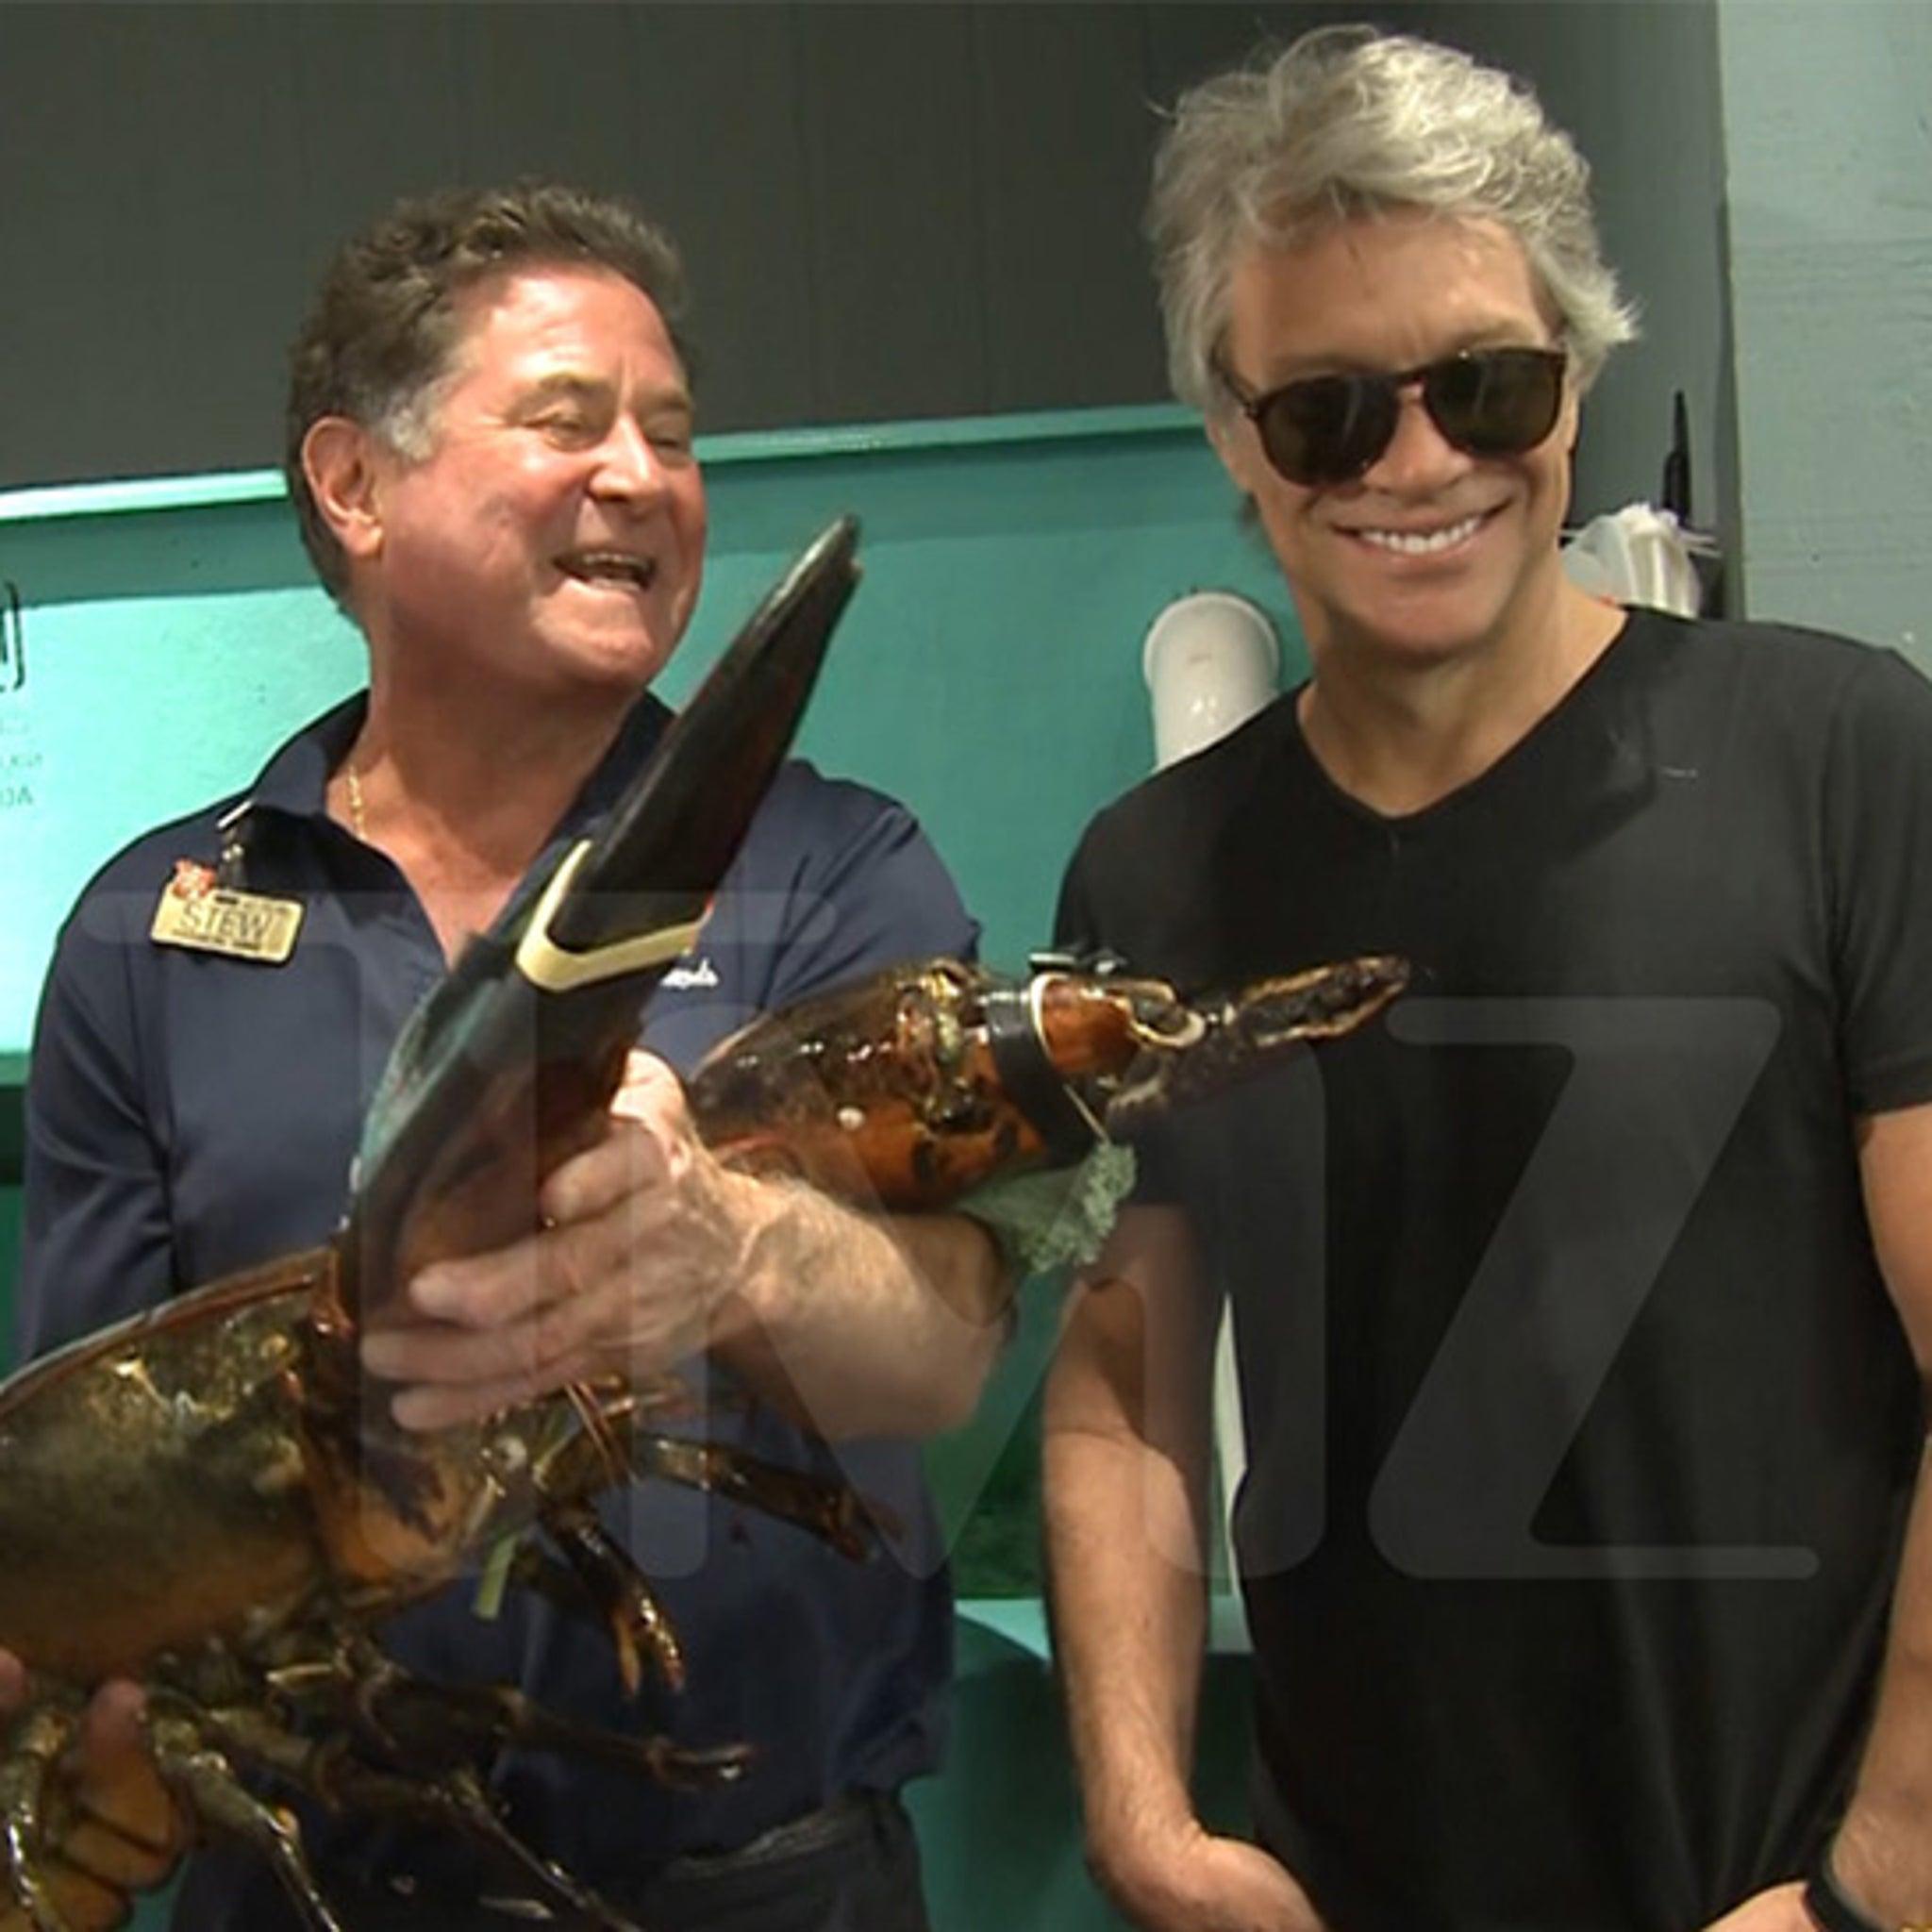 Jon Bon Jovi Meets Bon Jovi ... The 19-lb. Lobster